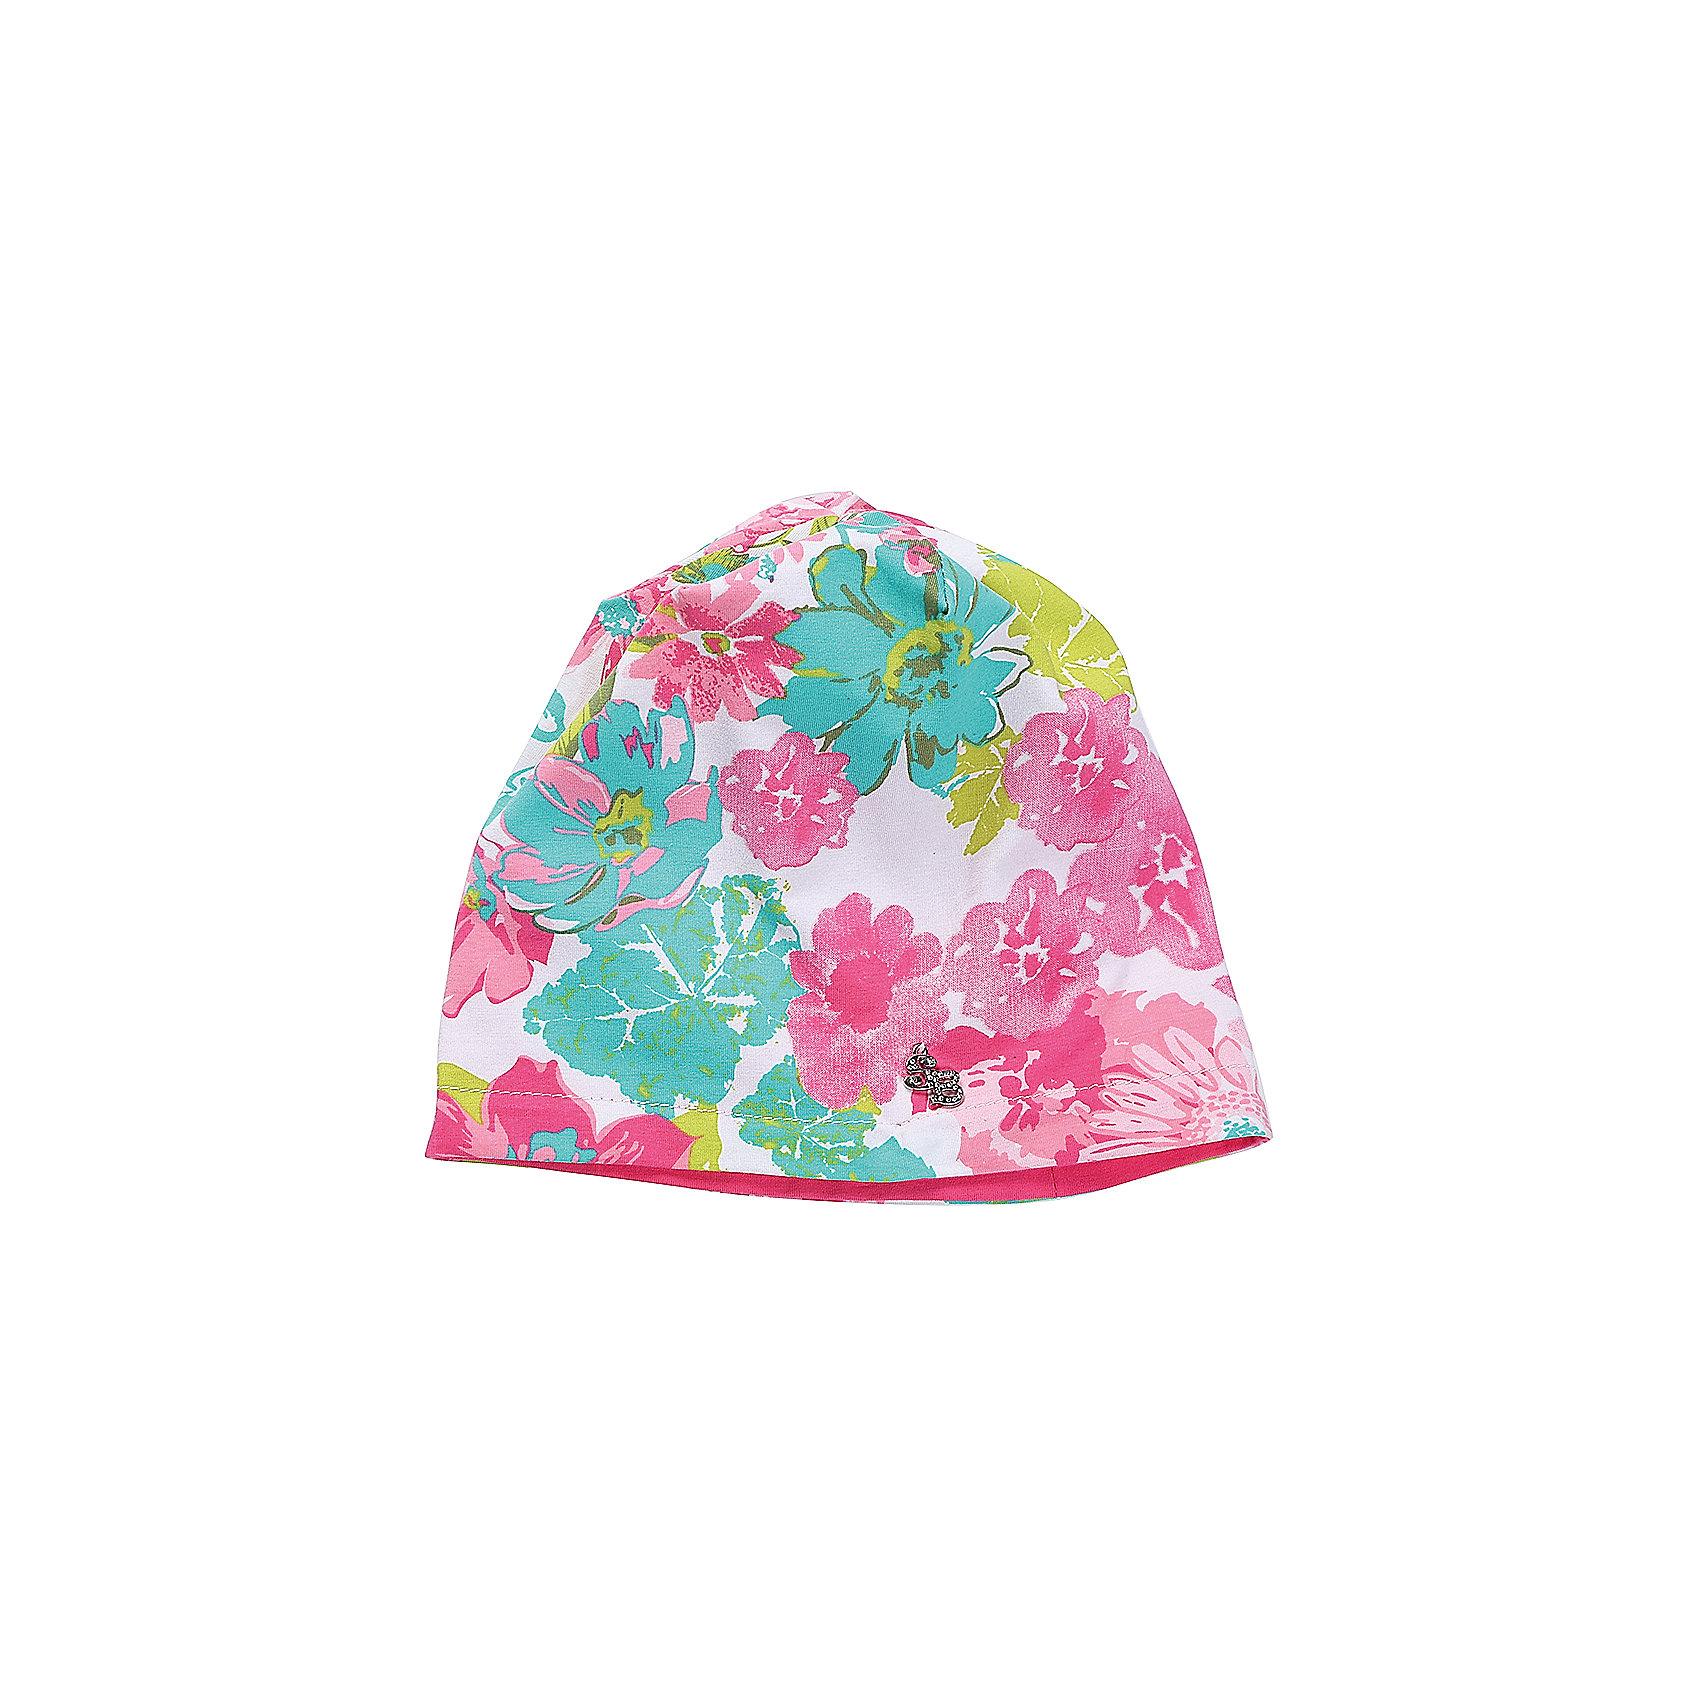 Шапка для девочки Sweet BerryДемисезонные<br>Трикотажная двухслойная шапочка для девочки из принтованной ткани.<br>Состав:<br>95%хлопок 5%эластан<br><br>Ширина мм: 89<br>Глубина мм: 117<br>Высота мм: 44<br>Вес г: 155<br>Цвет: разноцветный<br>Возраст от месяцев: 72<br>Возраст до месяцев: 84<br>Пол: Женский<br>Возраст: Детский<br>Размер: 54,50,52<br>SKU: 5412636